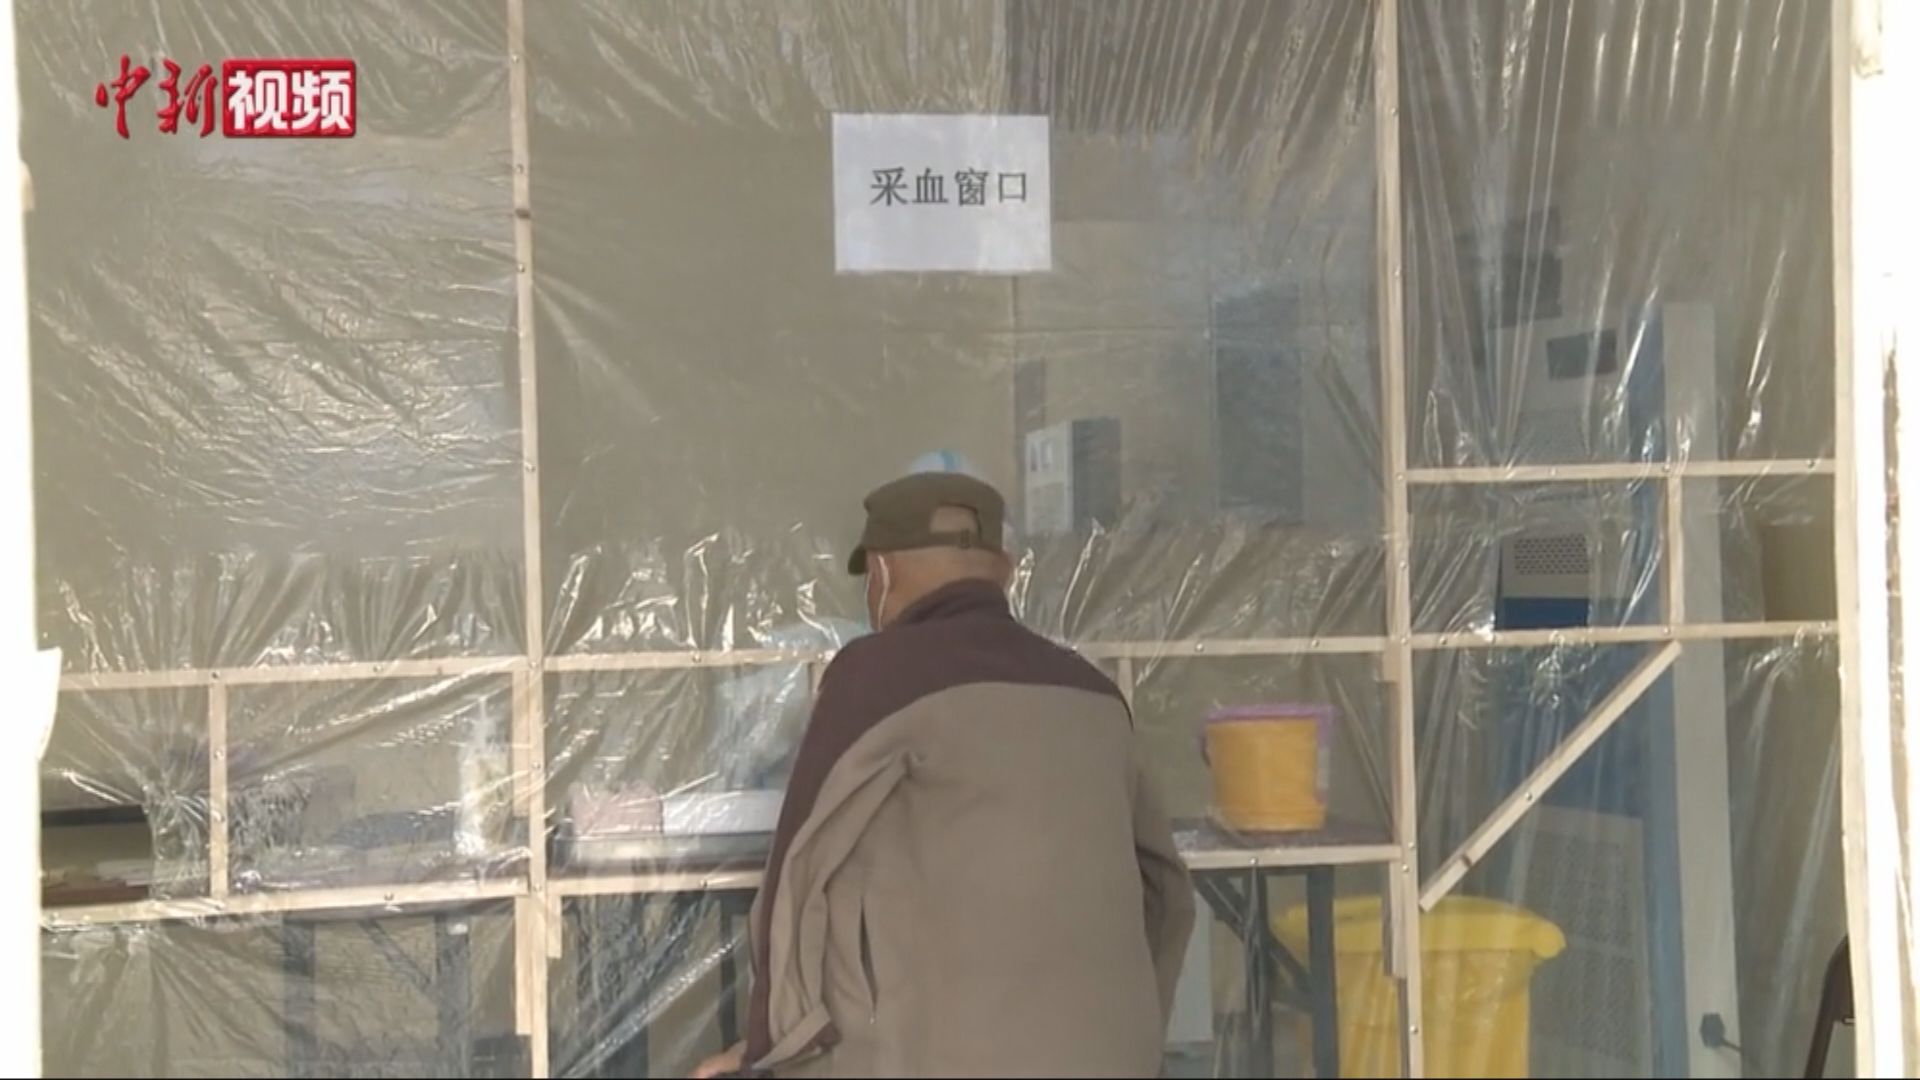 武漢全民病毒檢測 首兩日增19名無症狀患者